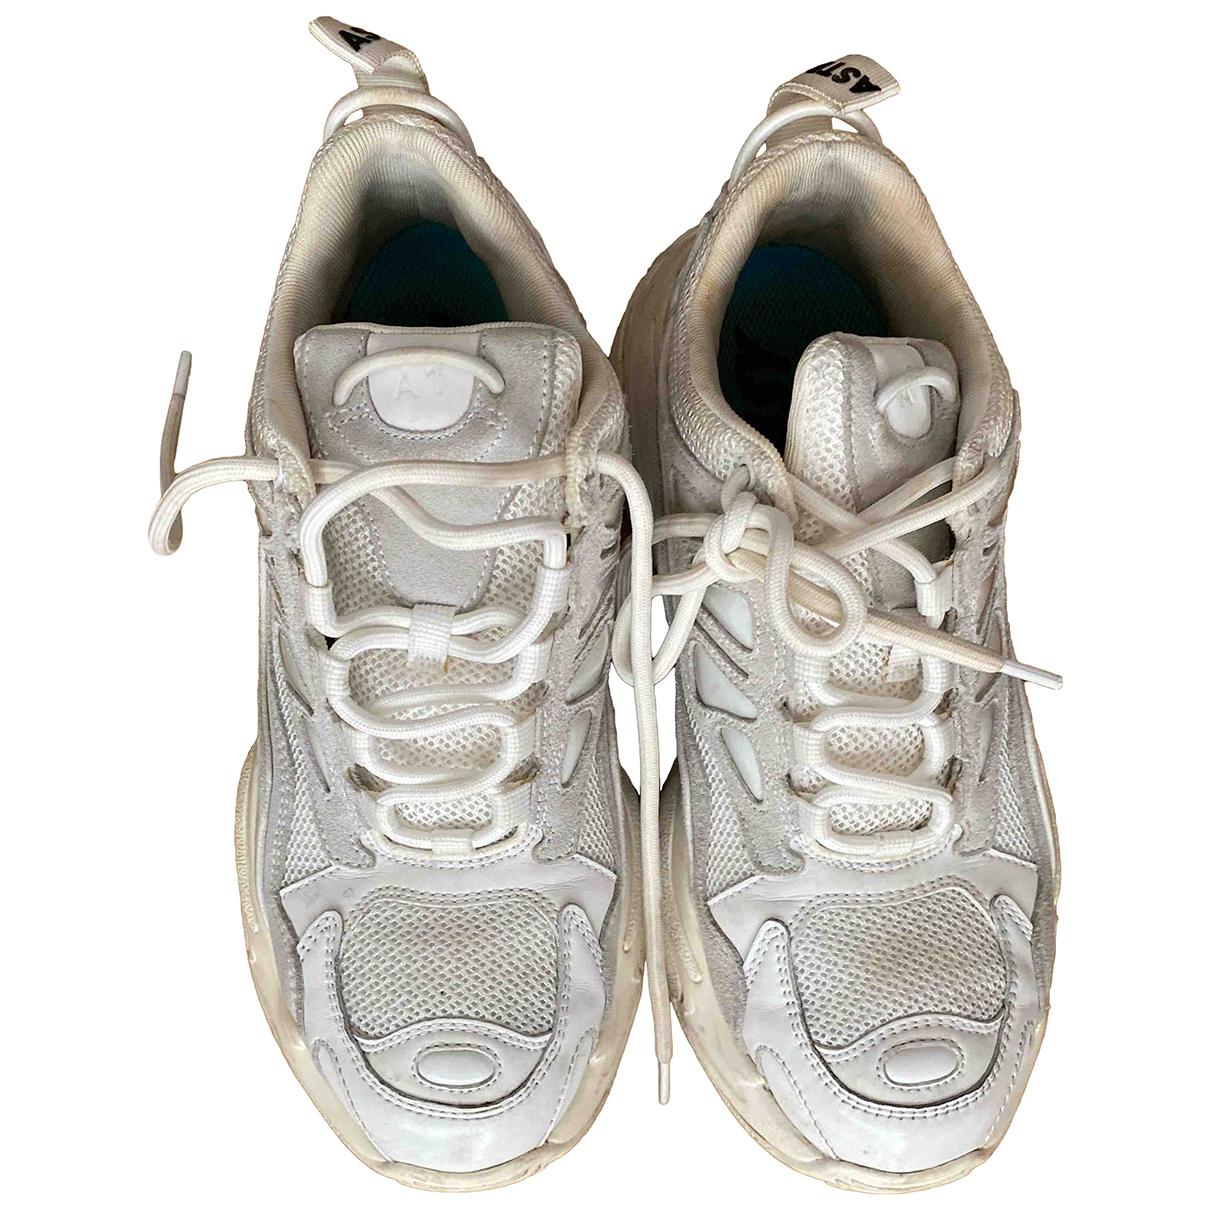 Sandro - Baskets Astro pour femme en cuir - blanc